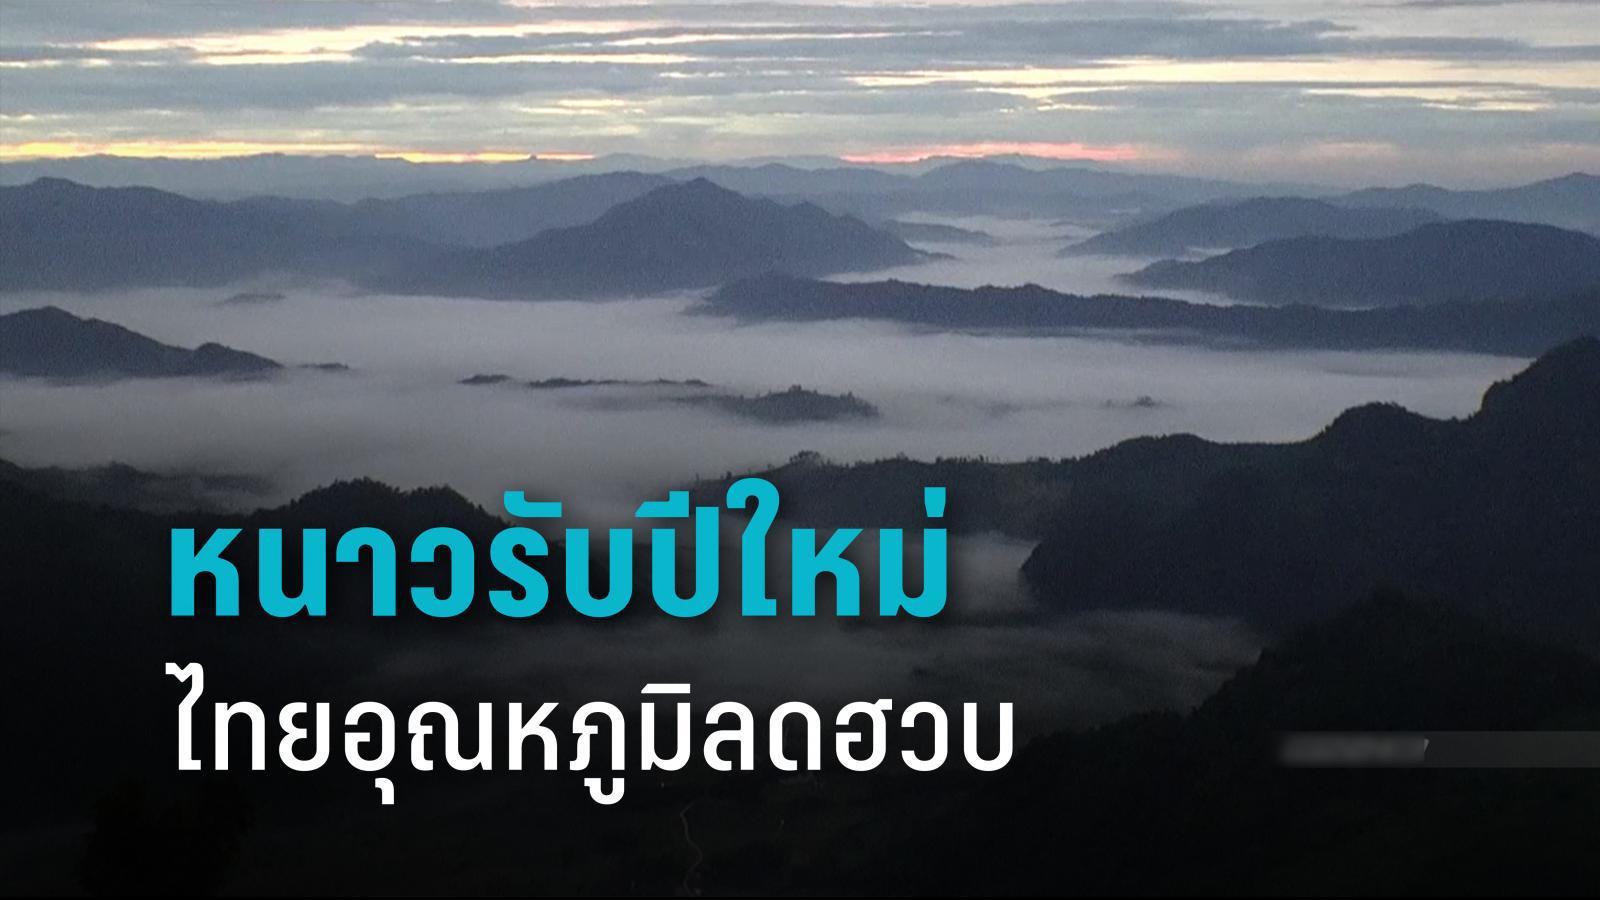 มวลอากาศเย็นถึงไทยวันนี้ เตรียมหนาว 30 ธ.ค. - 3 ม.ค. 64 ใต้ฝนตกเพิ่มขึ้น